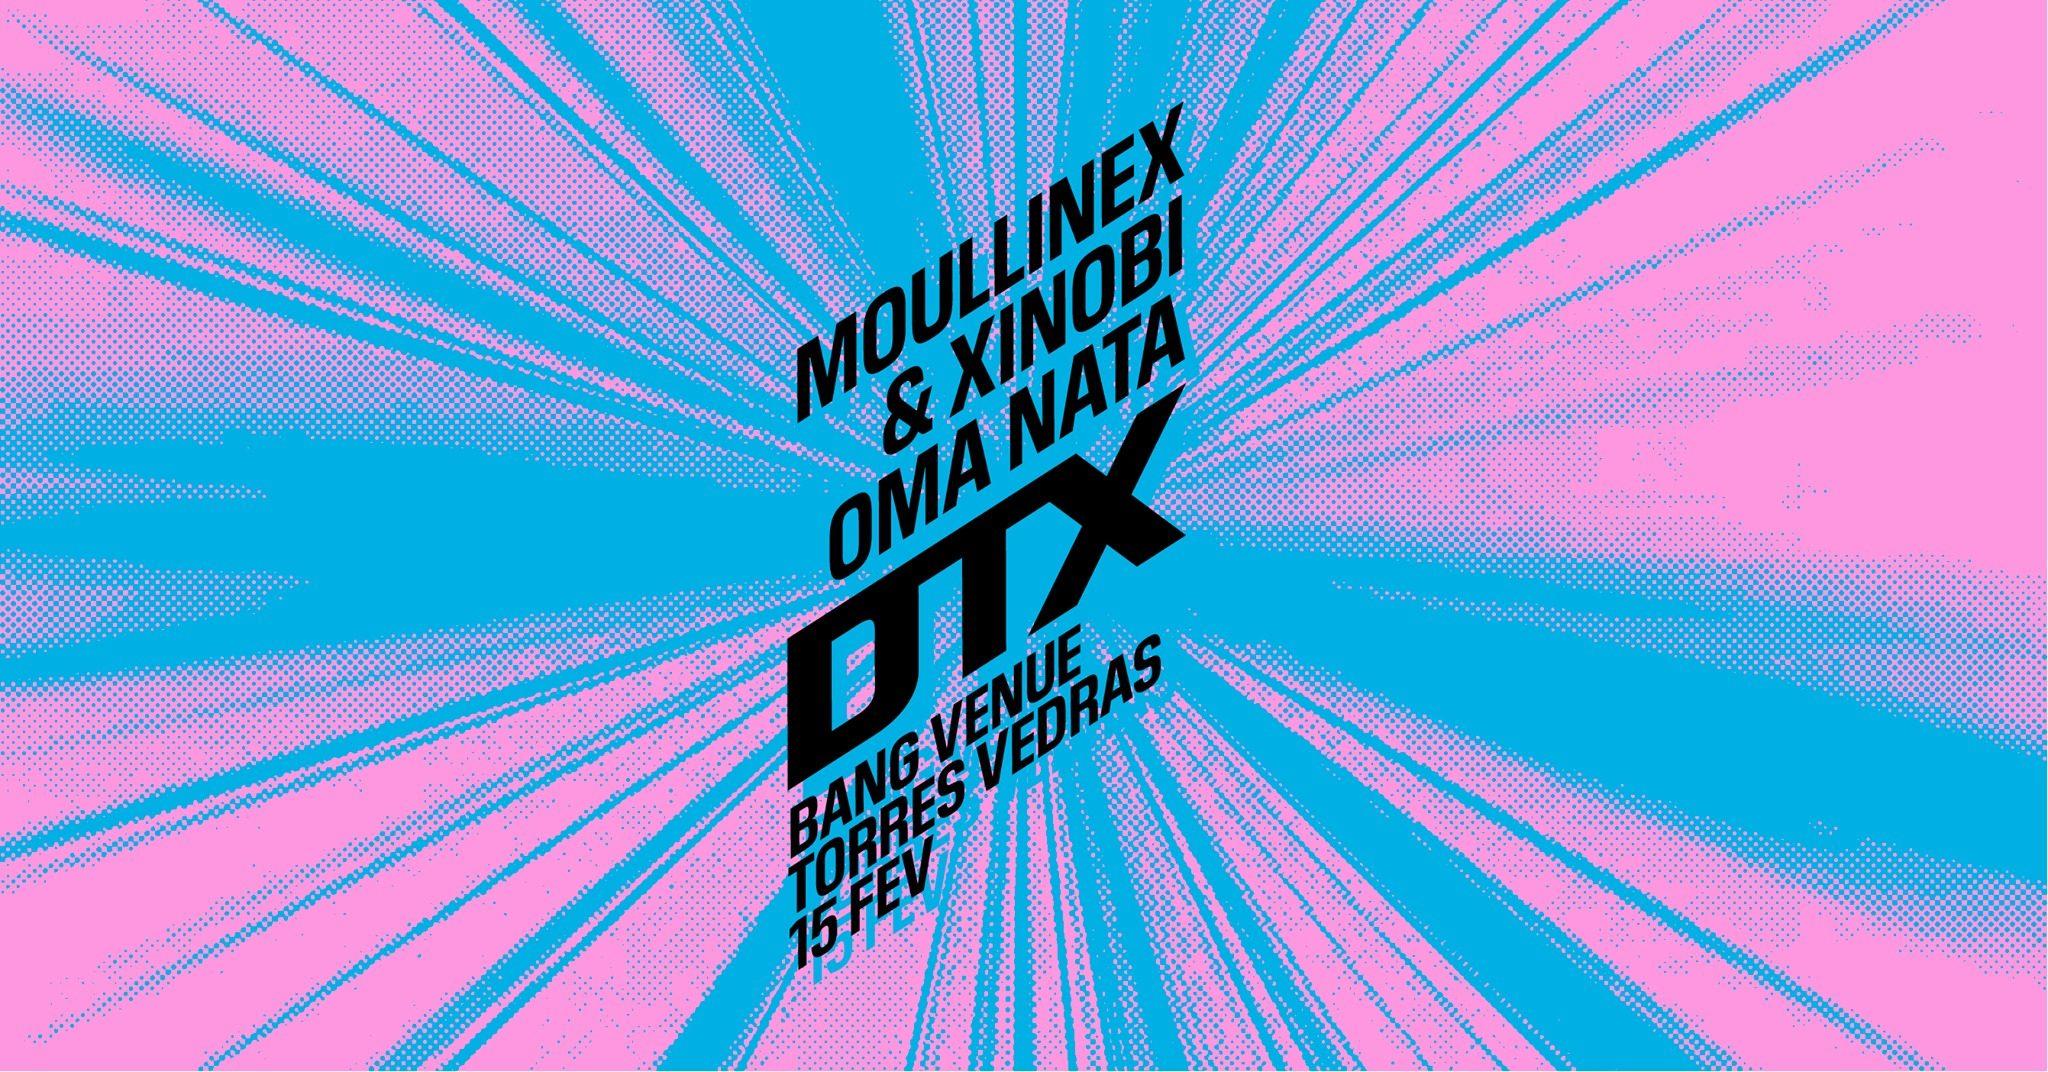 Moulinex & Xinobi